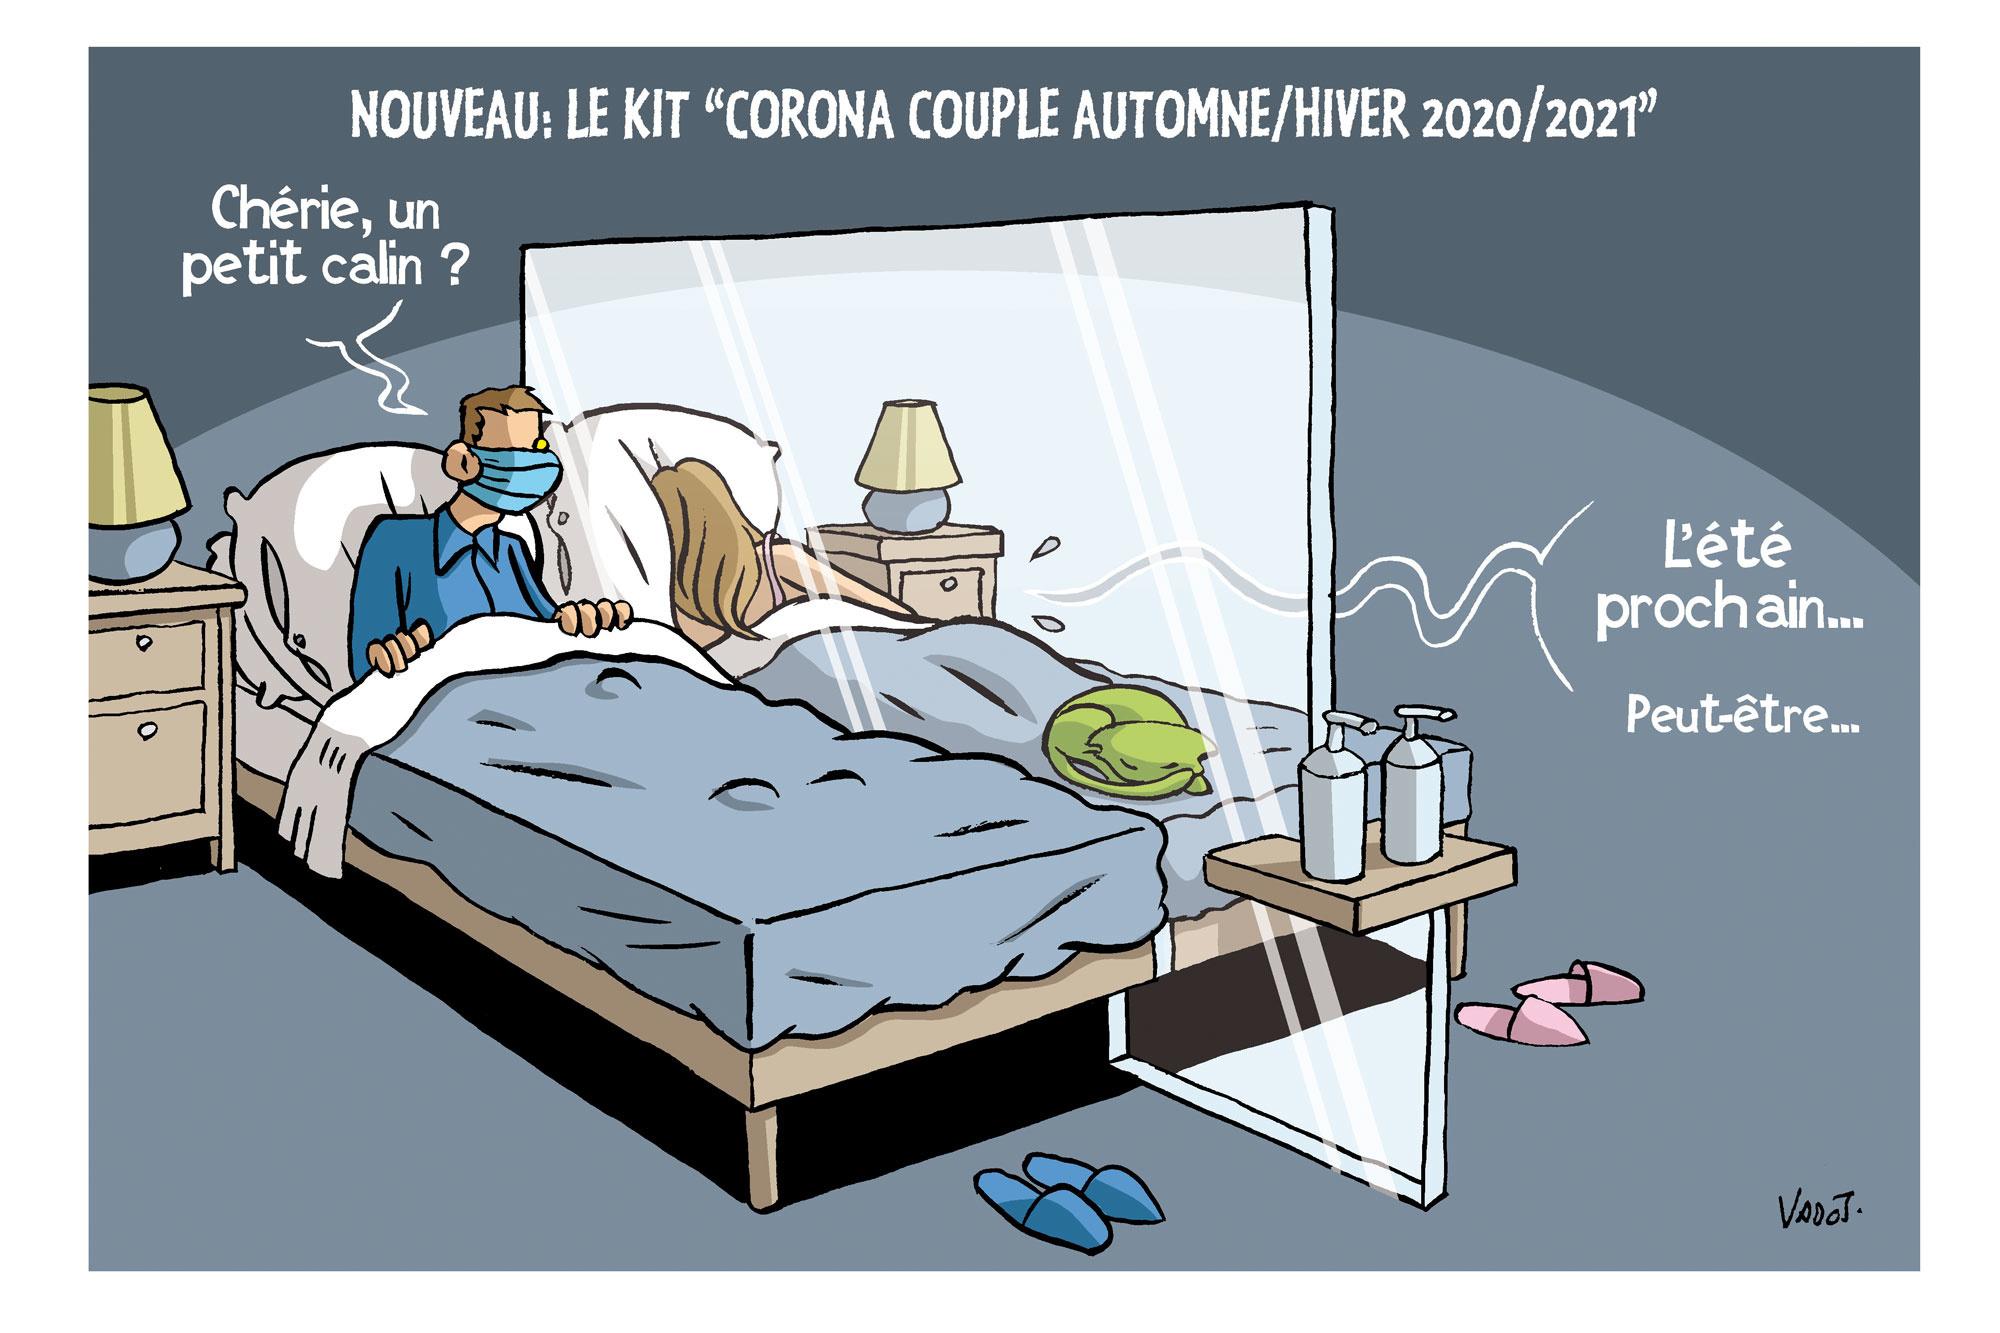 La majorité des contaminations au Covid-19 se passe au sein du foyer familial., Vadot